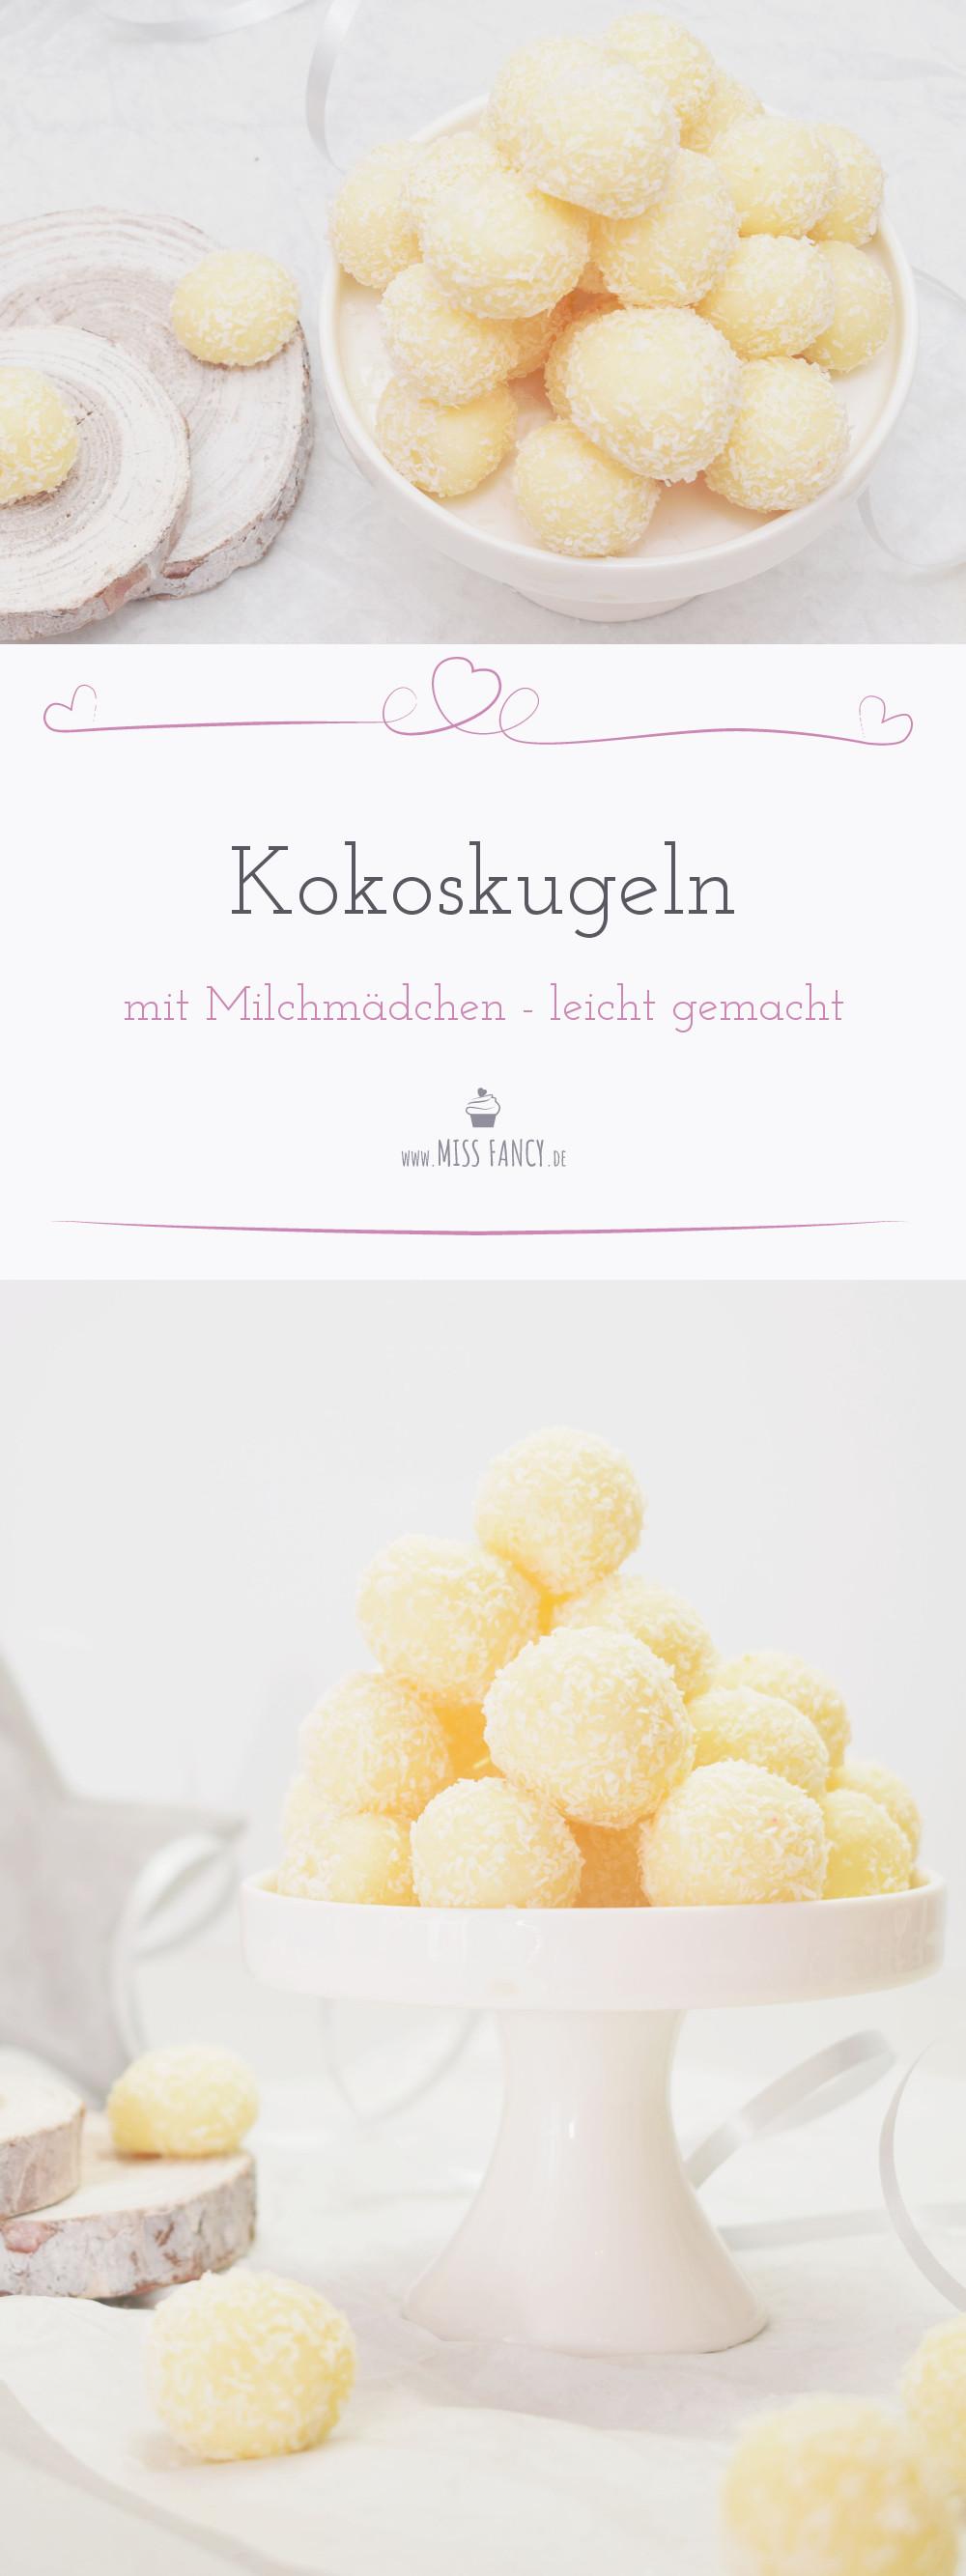 https://www.alltags-kueche.de/rezept-kokoskugeln-leicht-gemacht